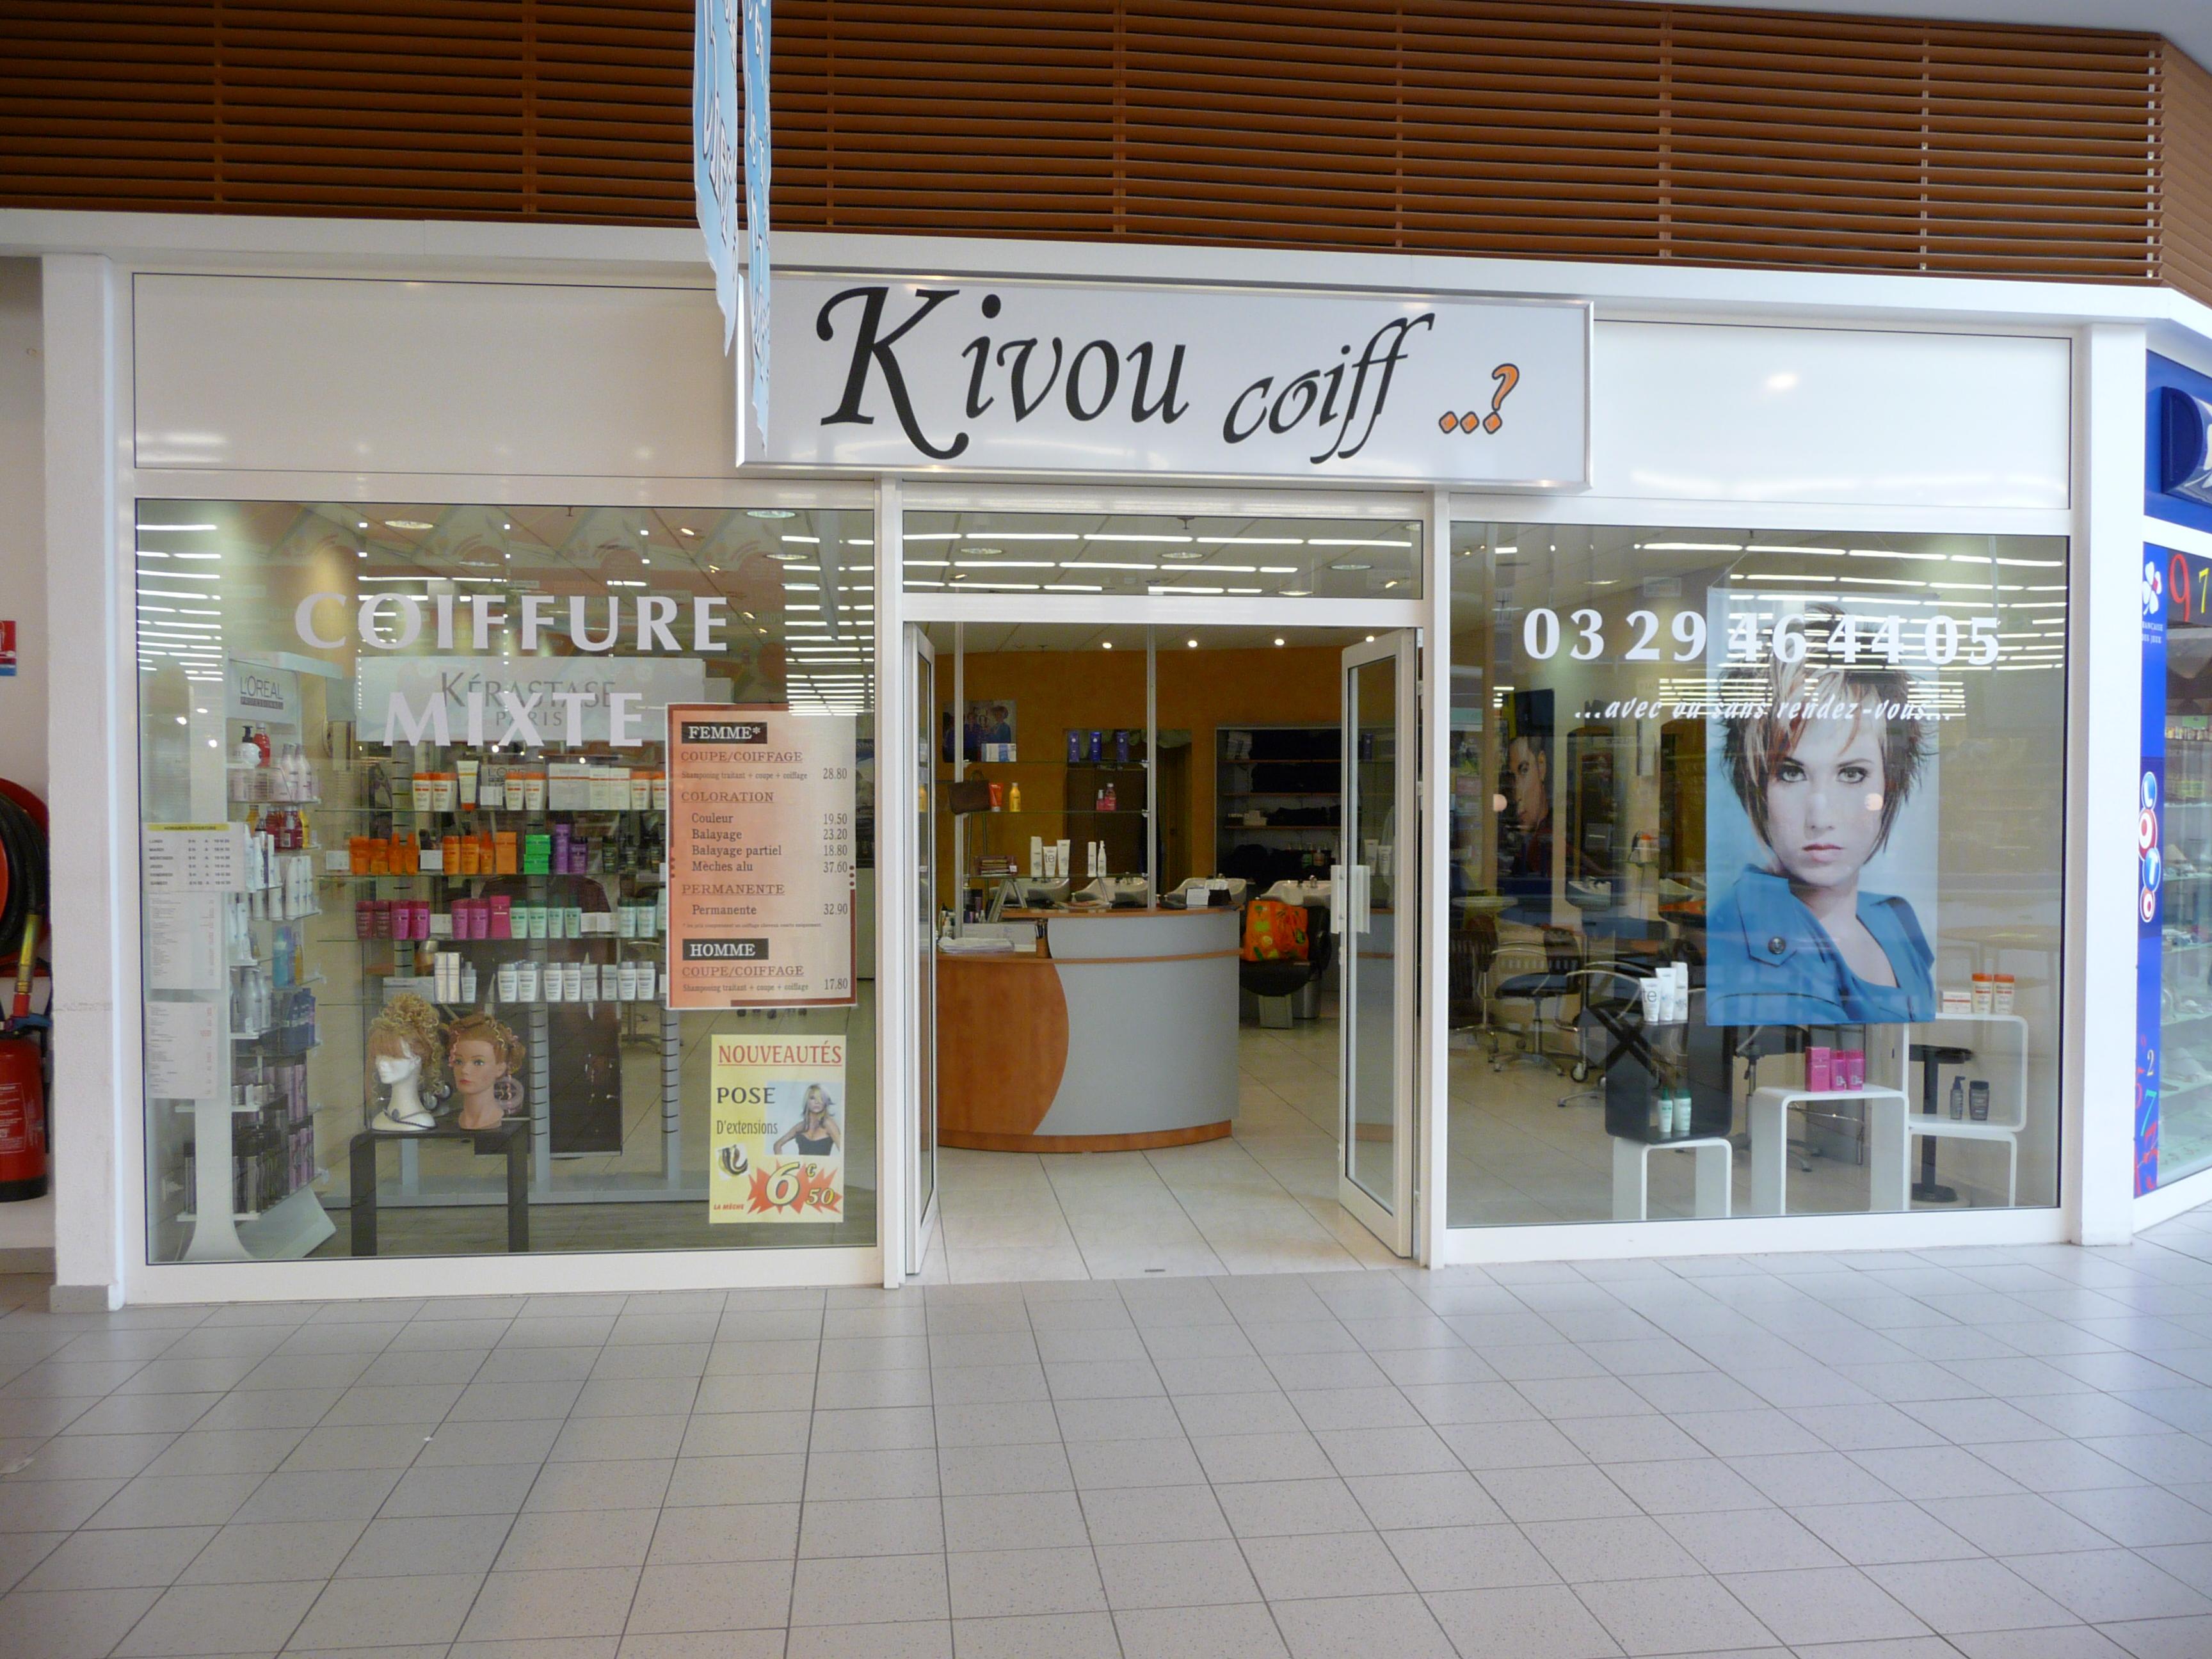 Kivou-Coiff